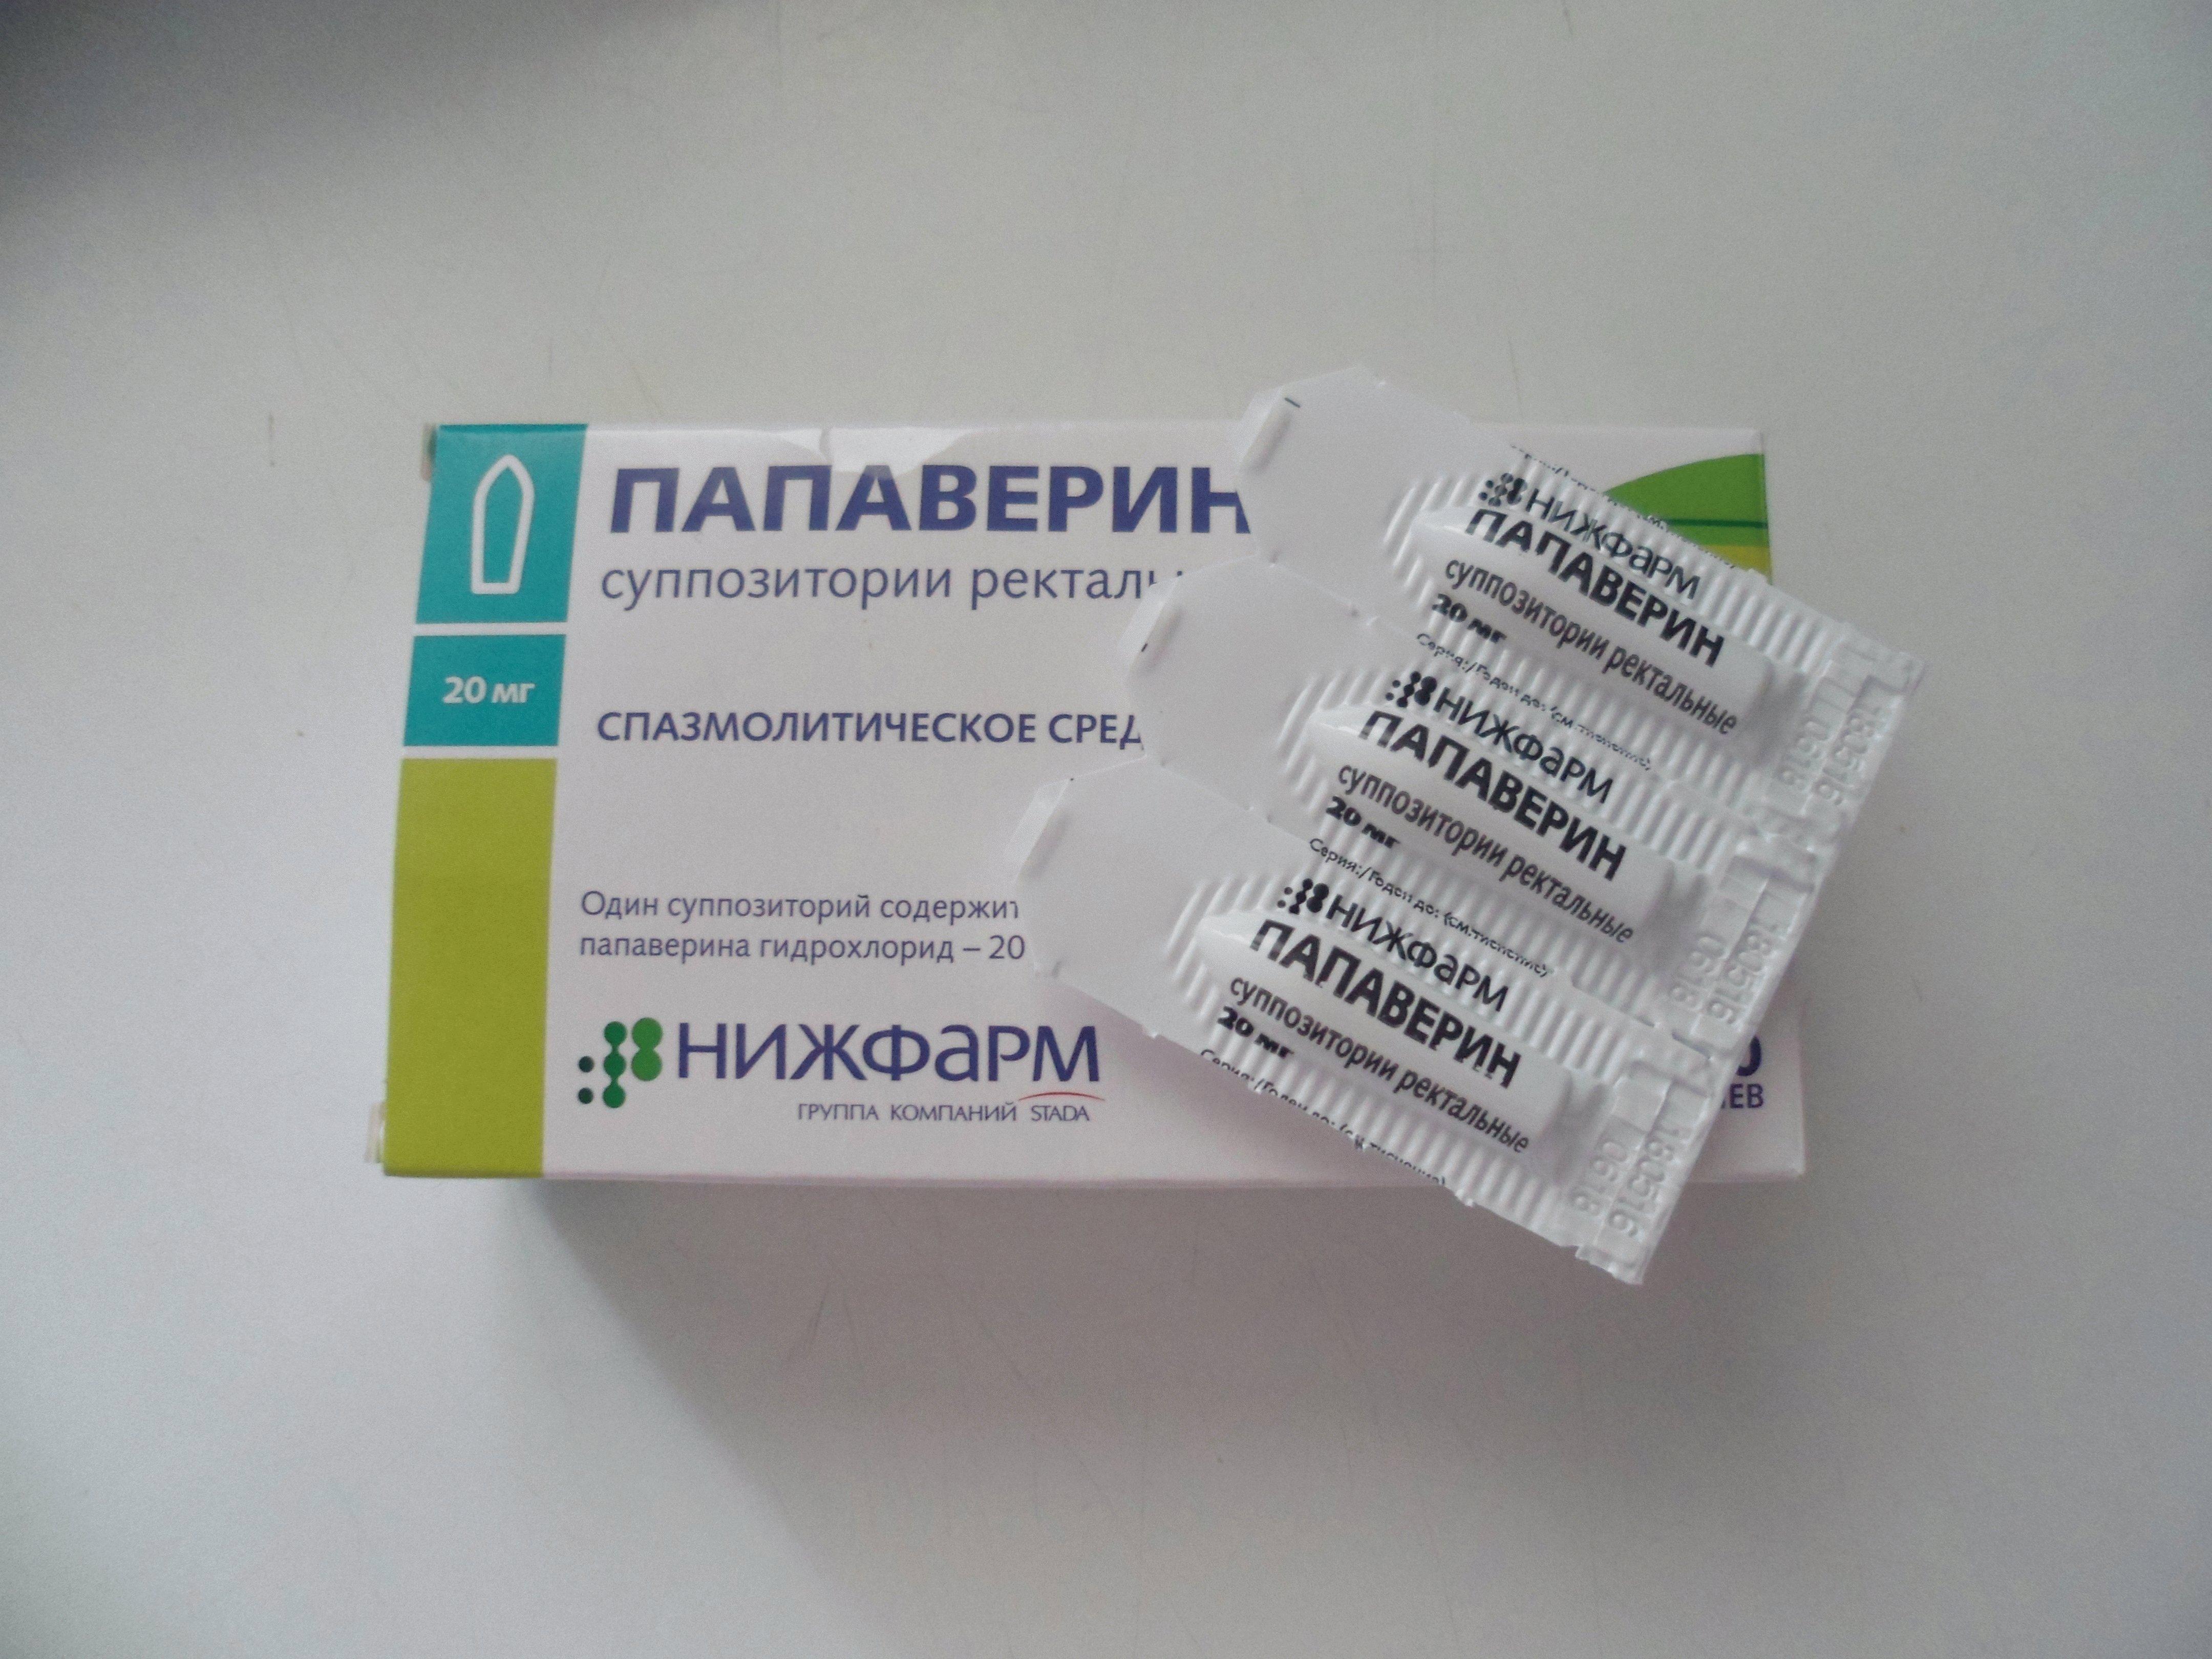 Папаверин для детей используют под строгим контролем лечащего врача.